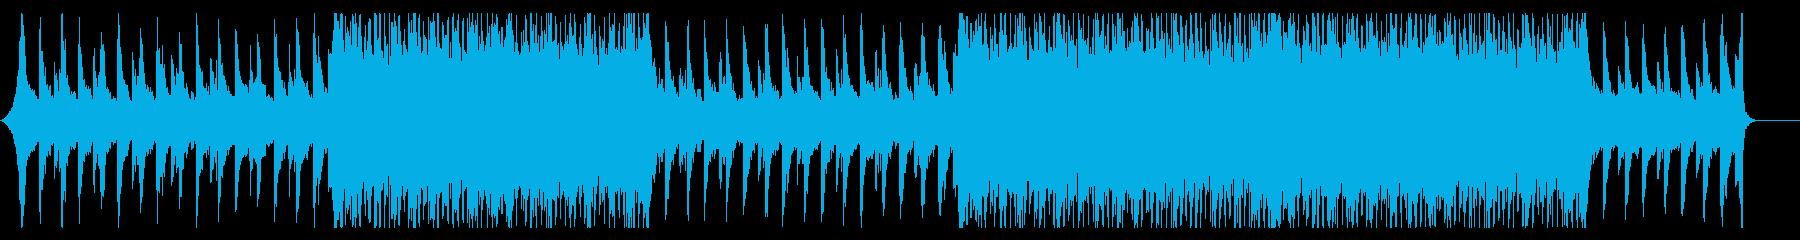 【メロディ抜】爽やかなコーポレートムービの再生済みの波形